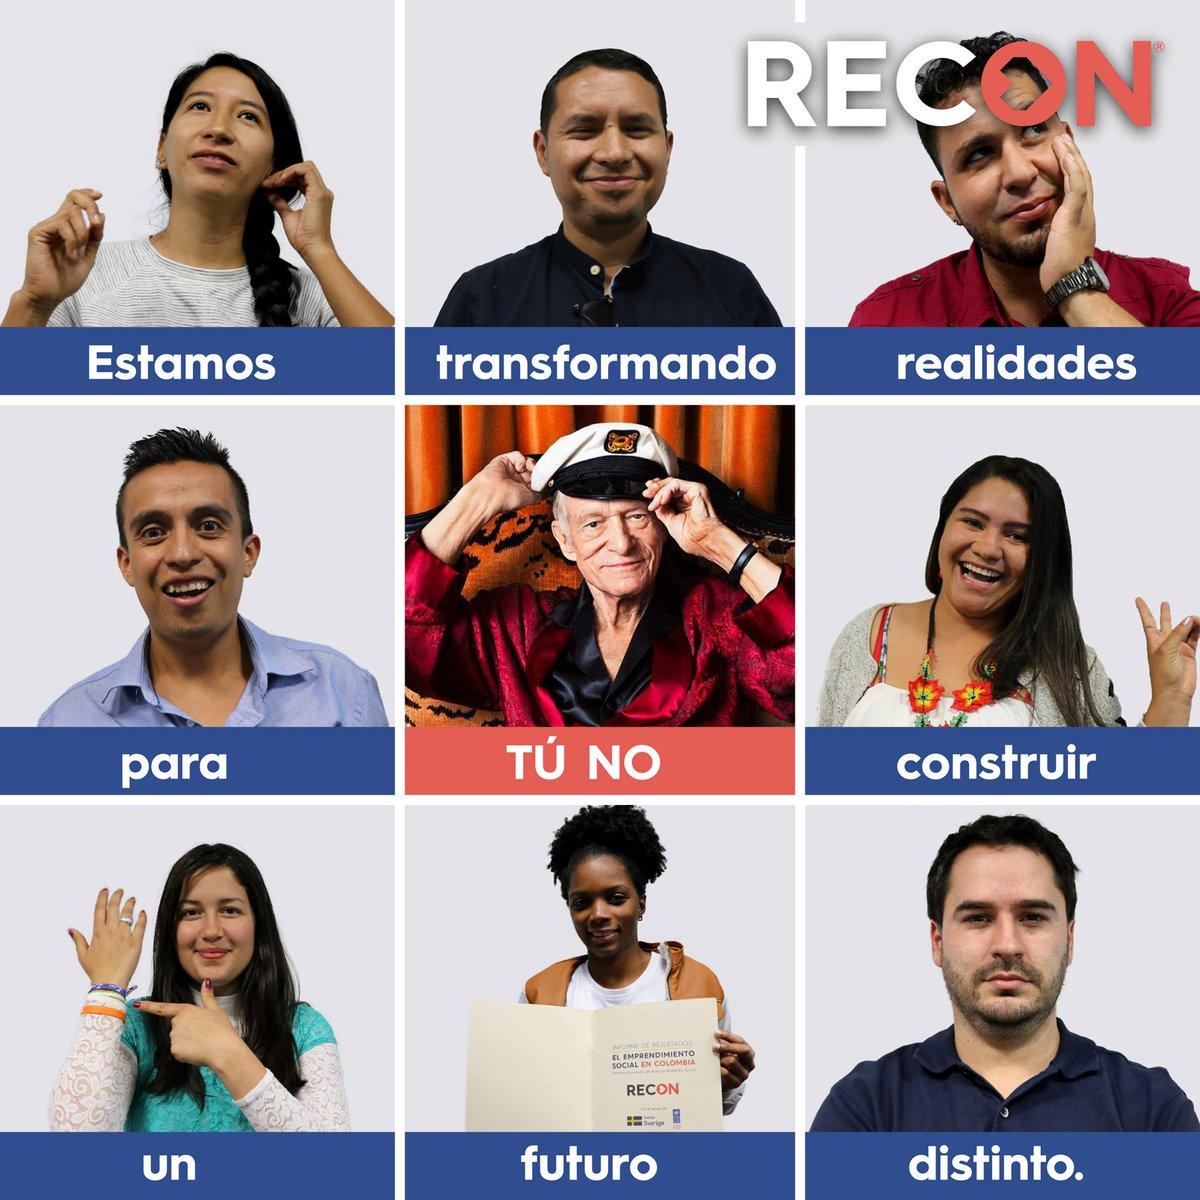 ¿Quién NO es un Emprendedor Social? 😱 #Emprendimiento #EmprendimientoSocial #Colombia #Emprendedores #FelizDomingo https://t.co/3ClXAw5G31